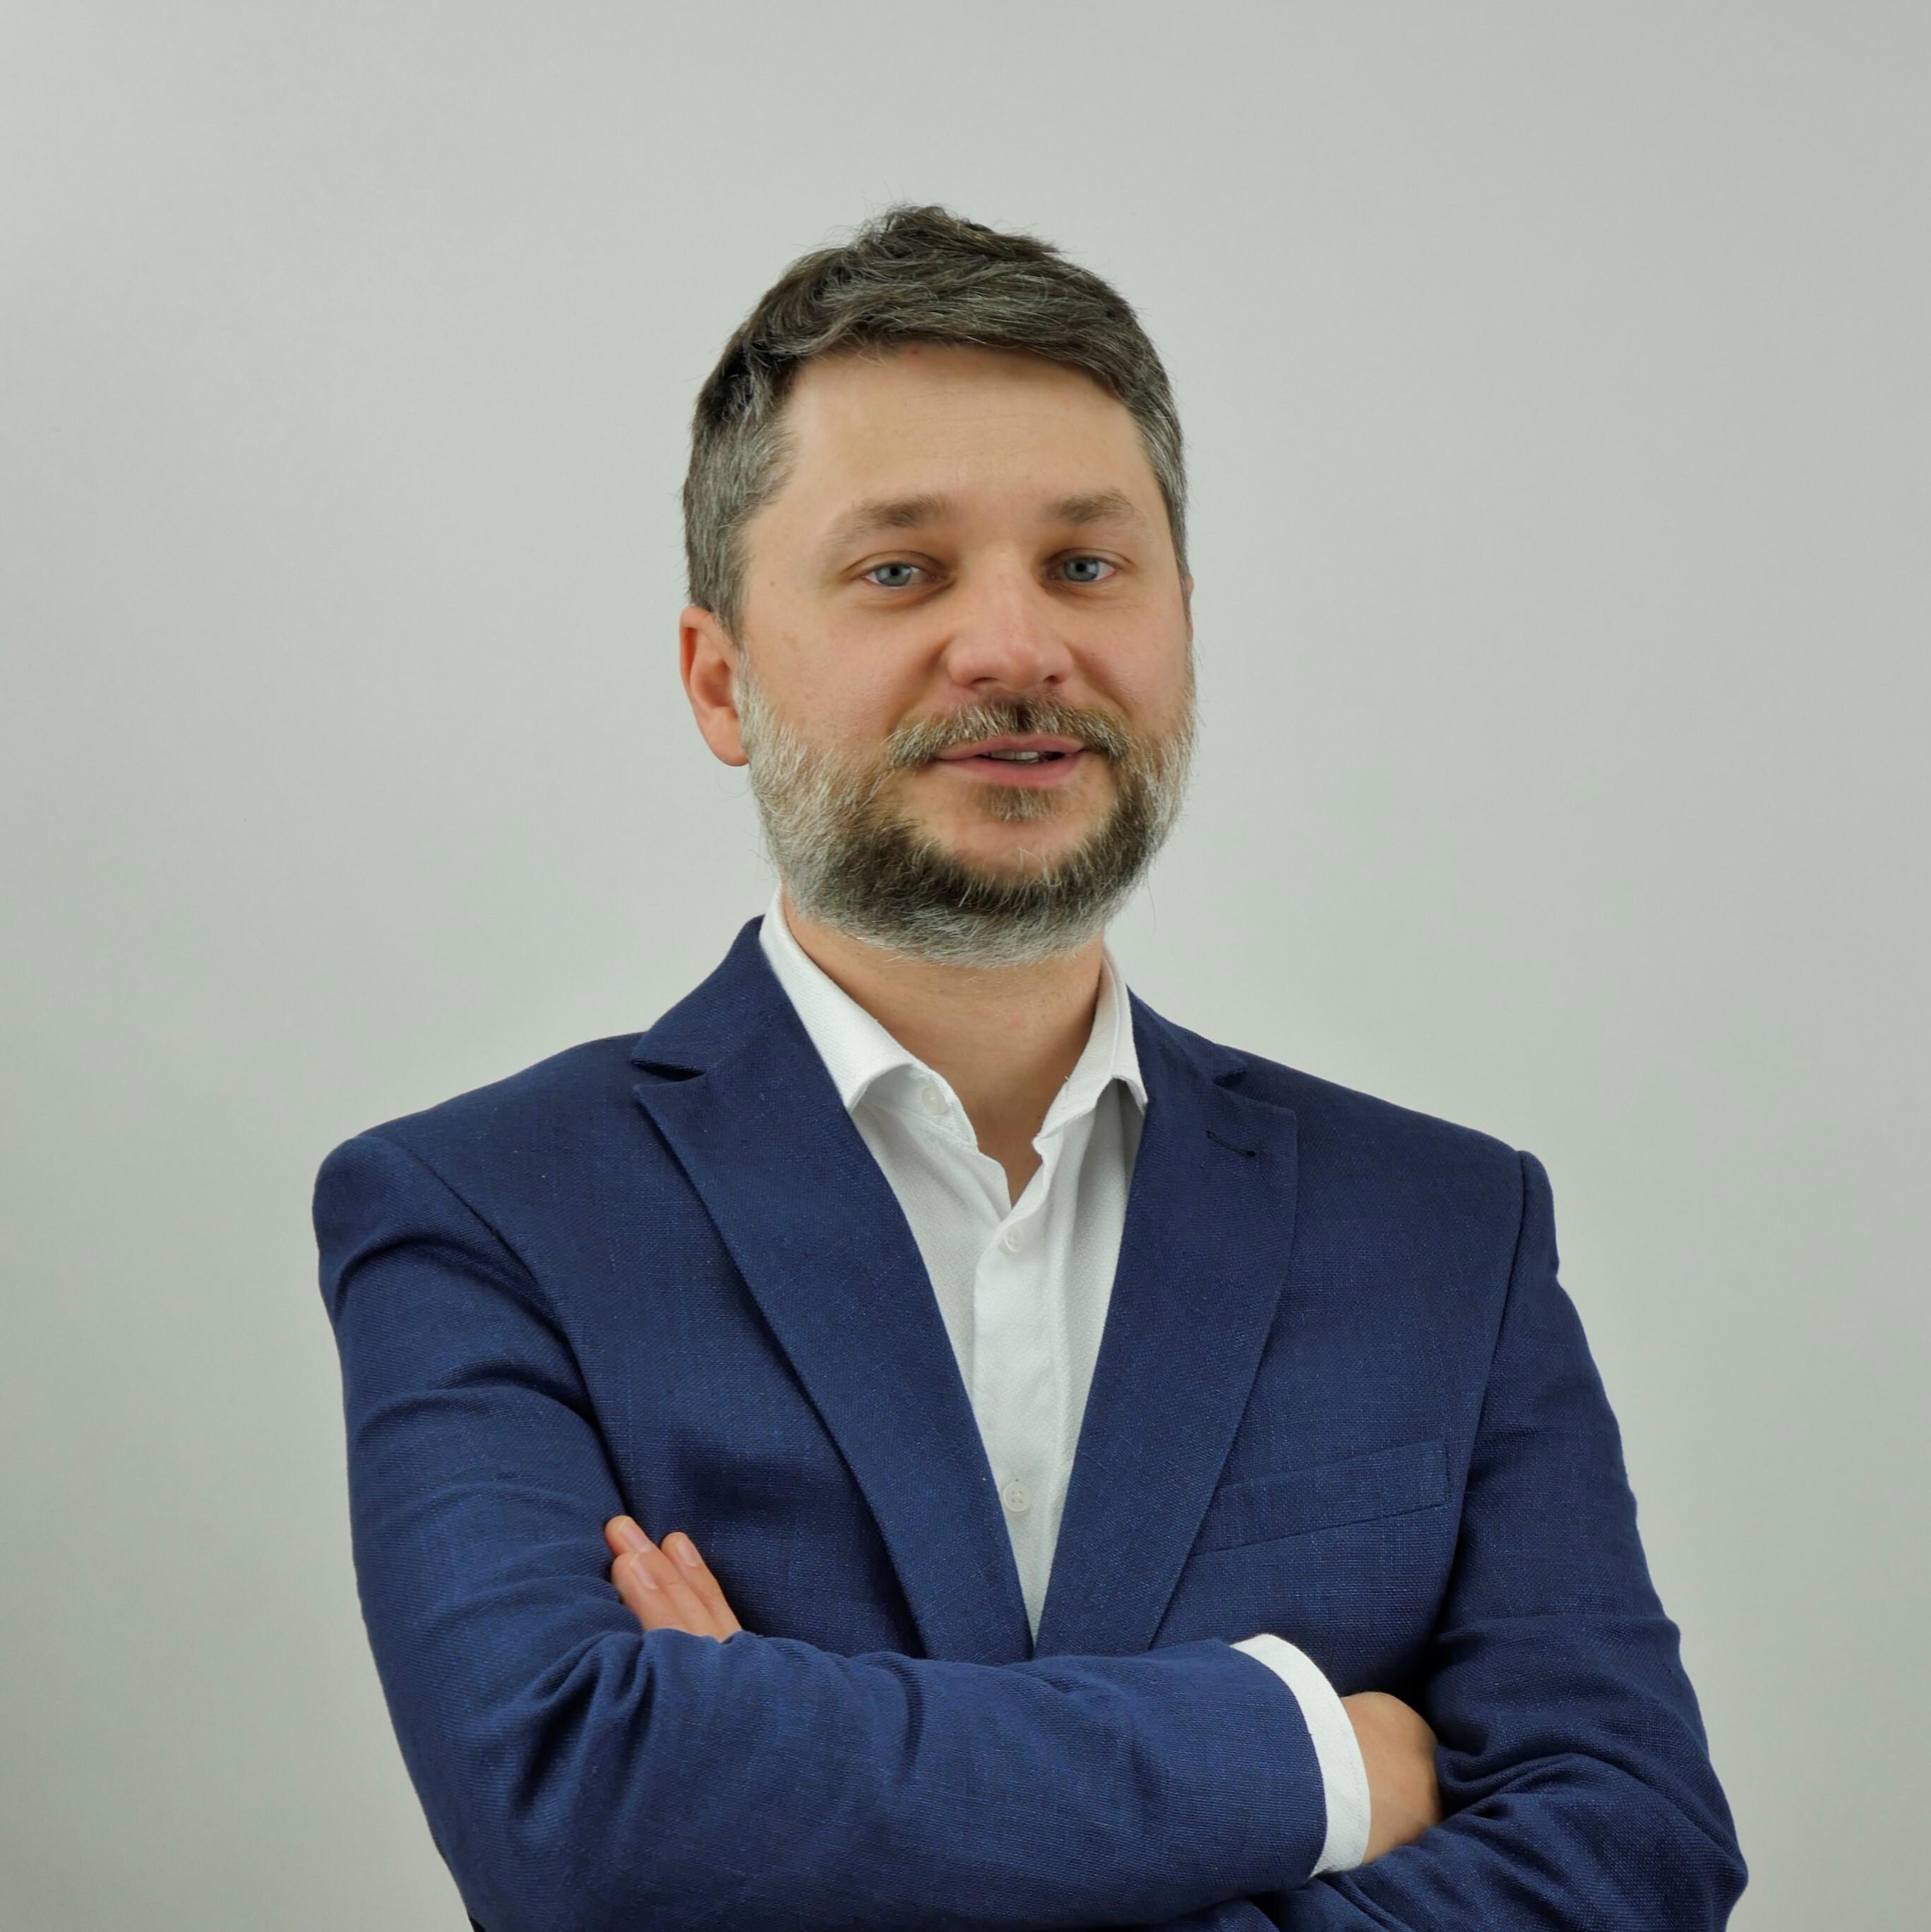 Marcin Atamańczuk